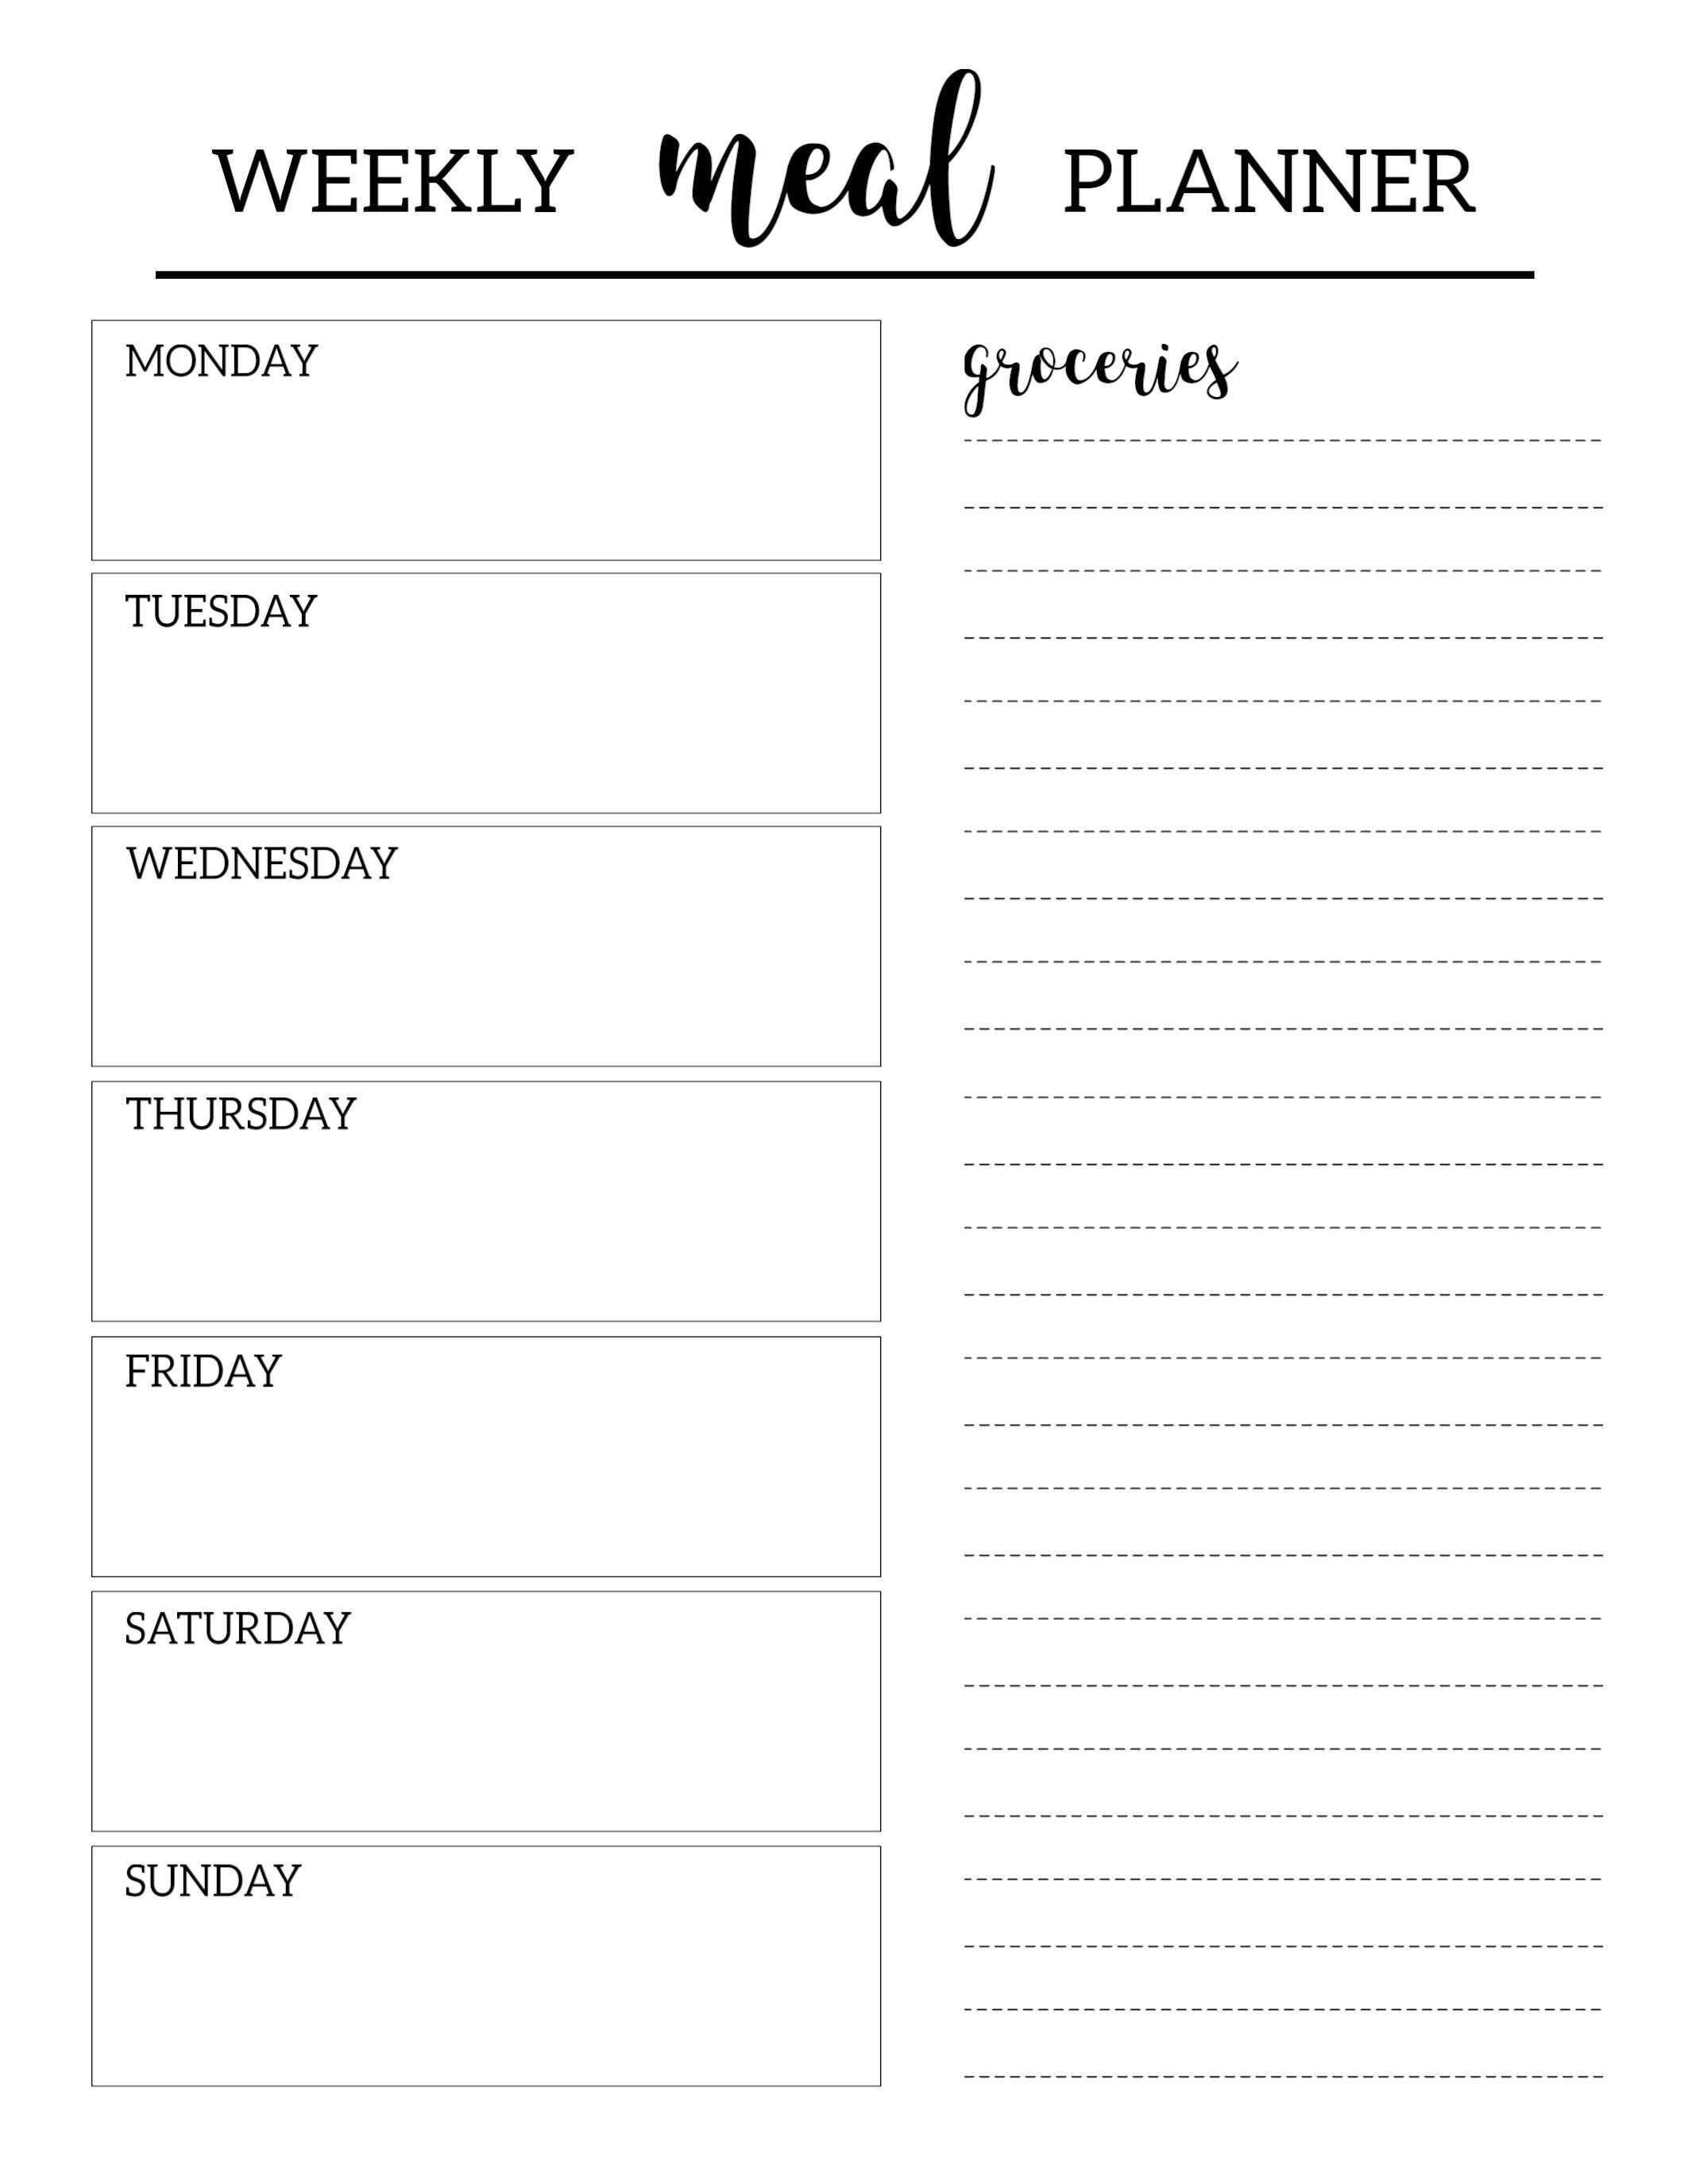 Printable Template Planner Free Mealfree Printable Meal Planner Template Wochentliche Mahlzeit Planer Menuplanung Vorlagen Planer Vorlagen